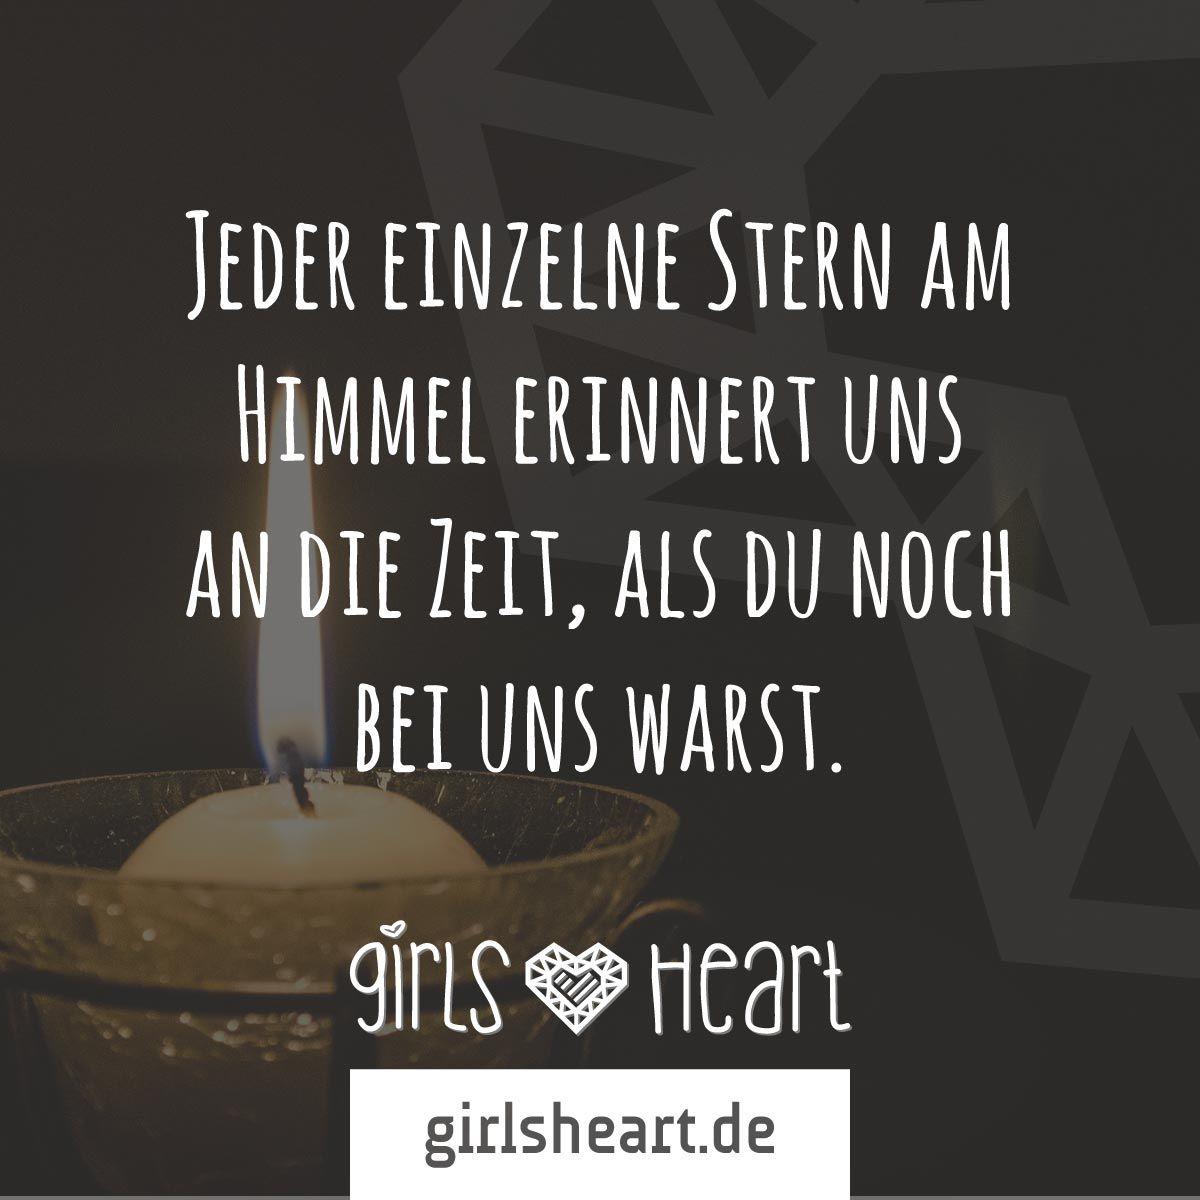 sprüche über tod Erinnerung. Mehr Sprüche auf: .girlsheart.de #abschied #verlust  sprüche über tod